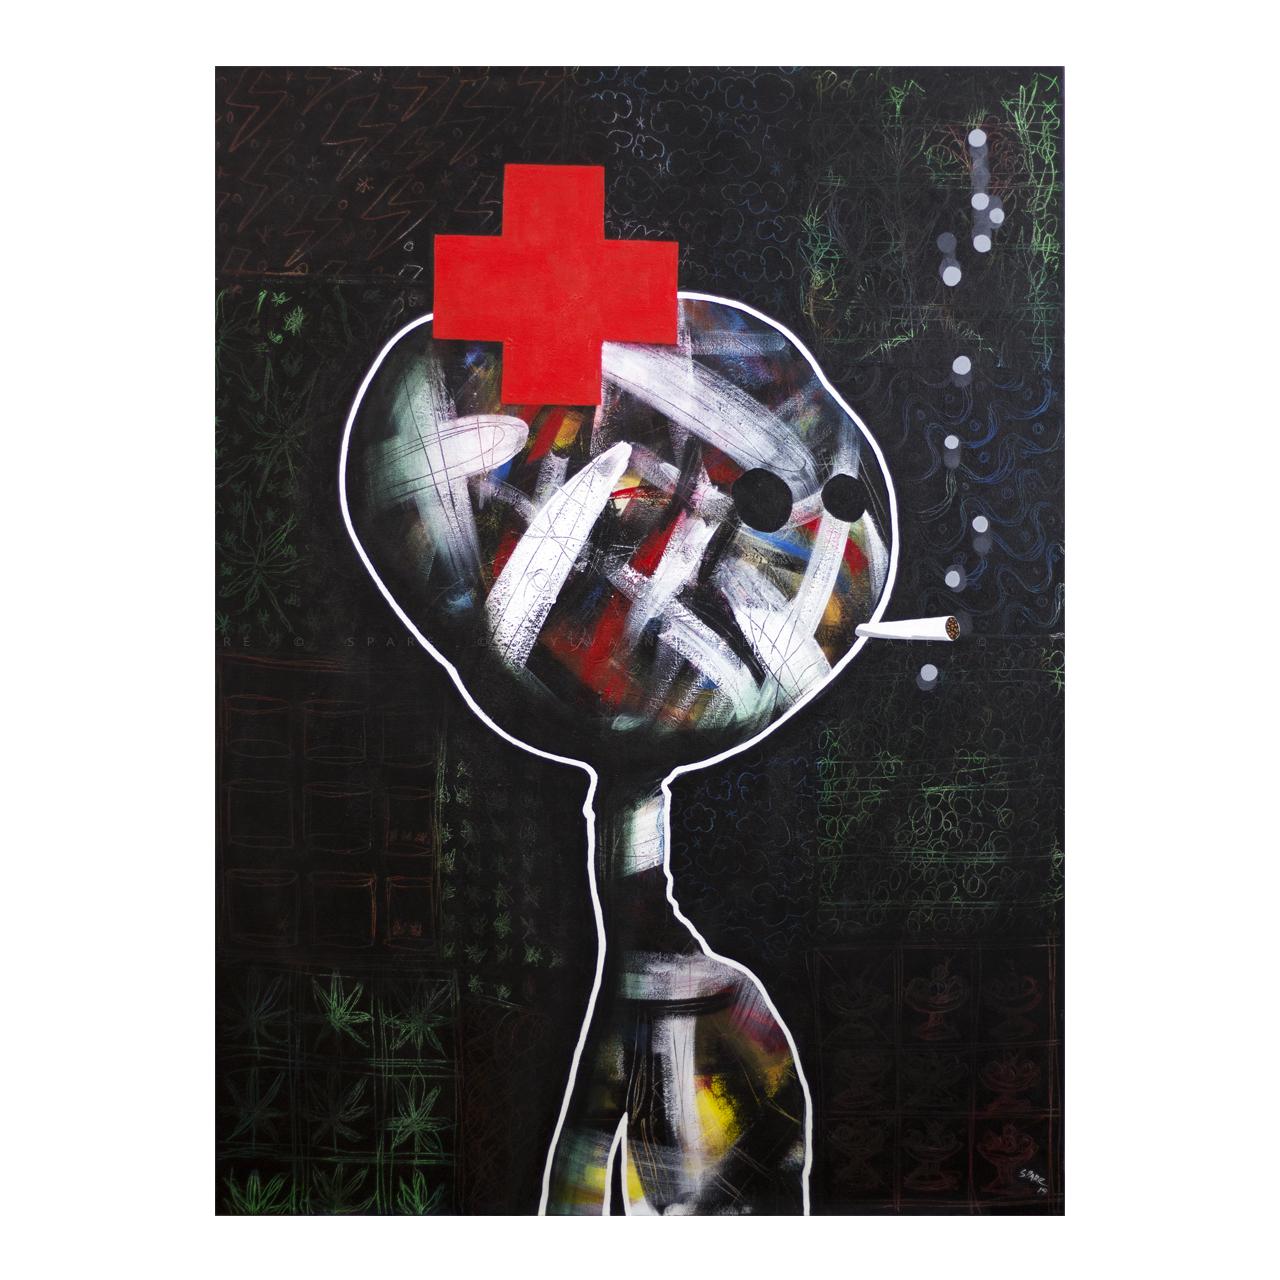 sylvain-pare-spare-artwork-IMG_0086-01.jpg